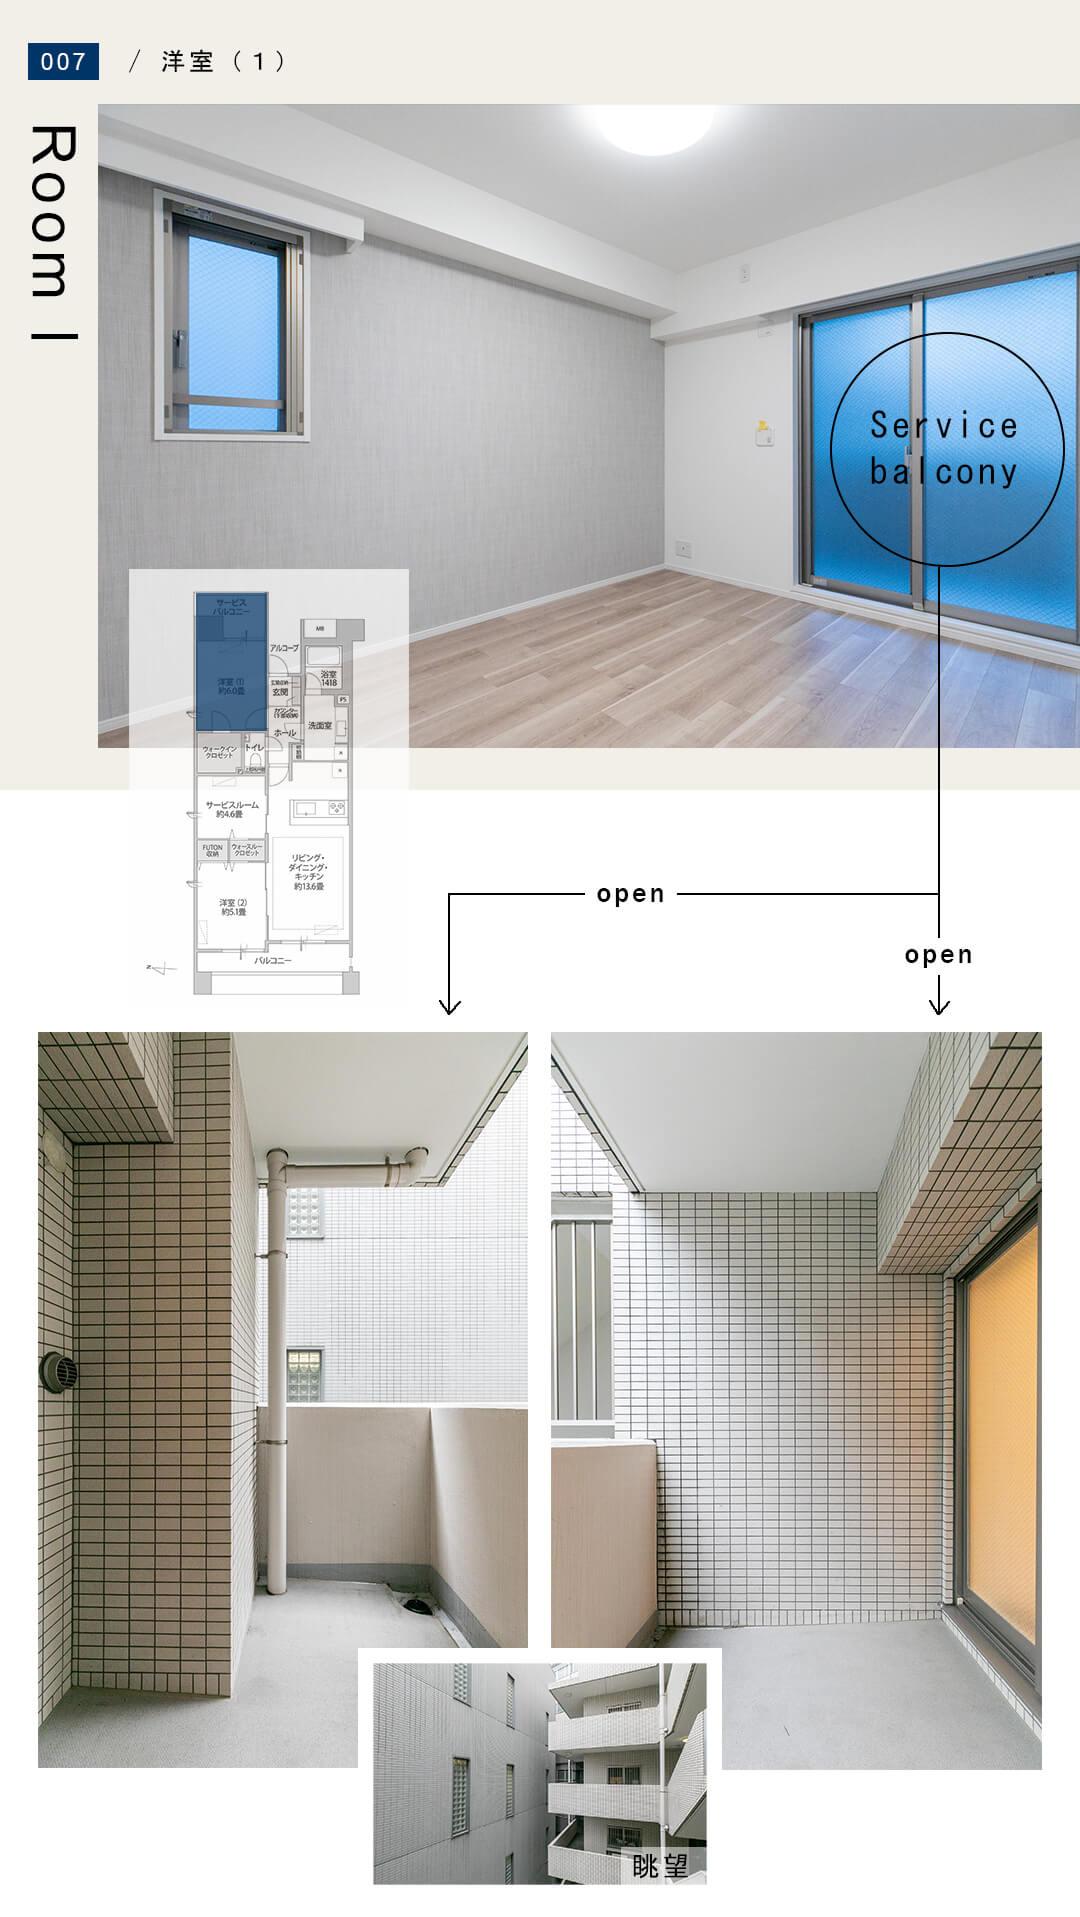 007洋室1,Room Ⅰ